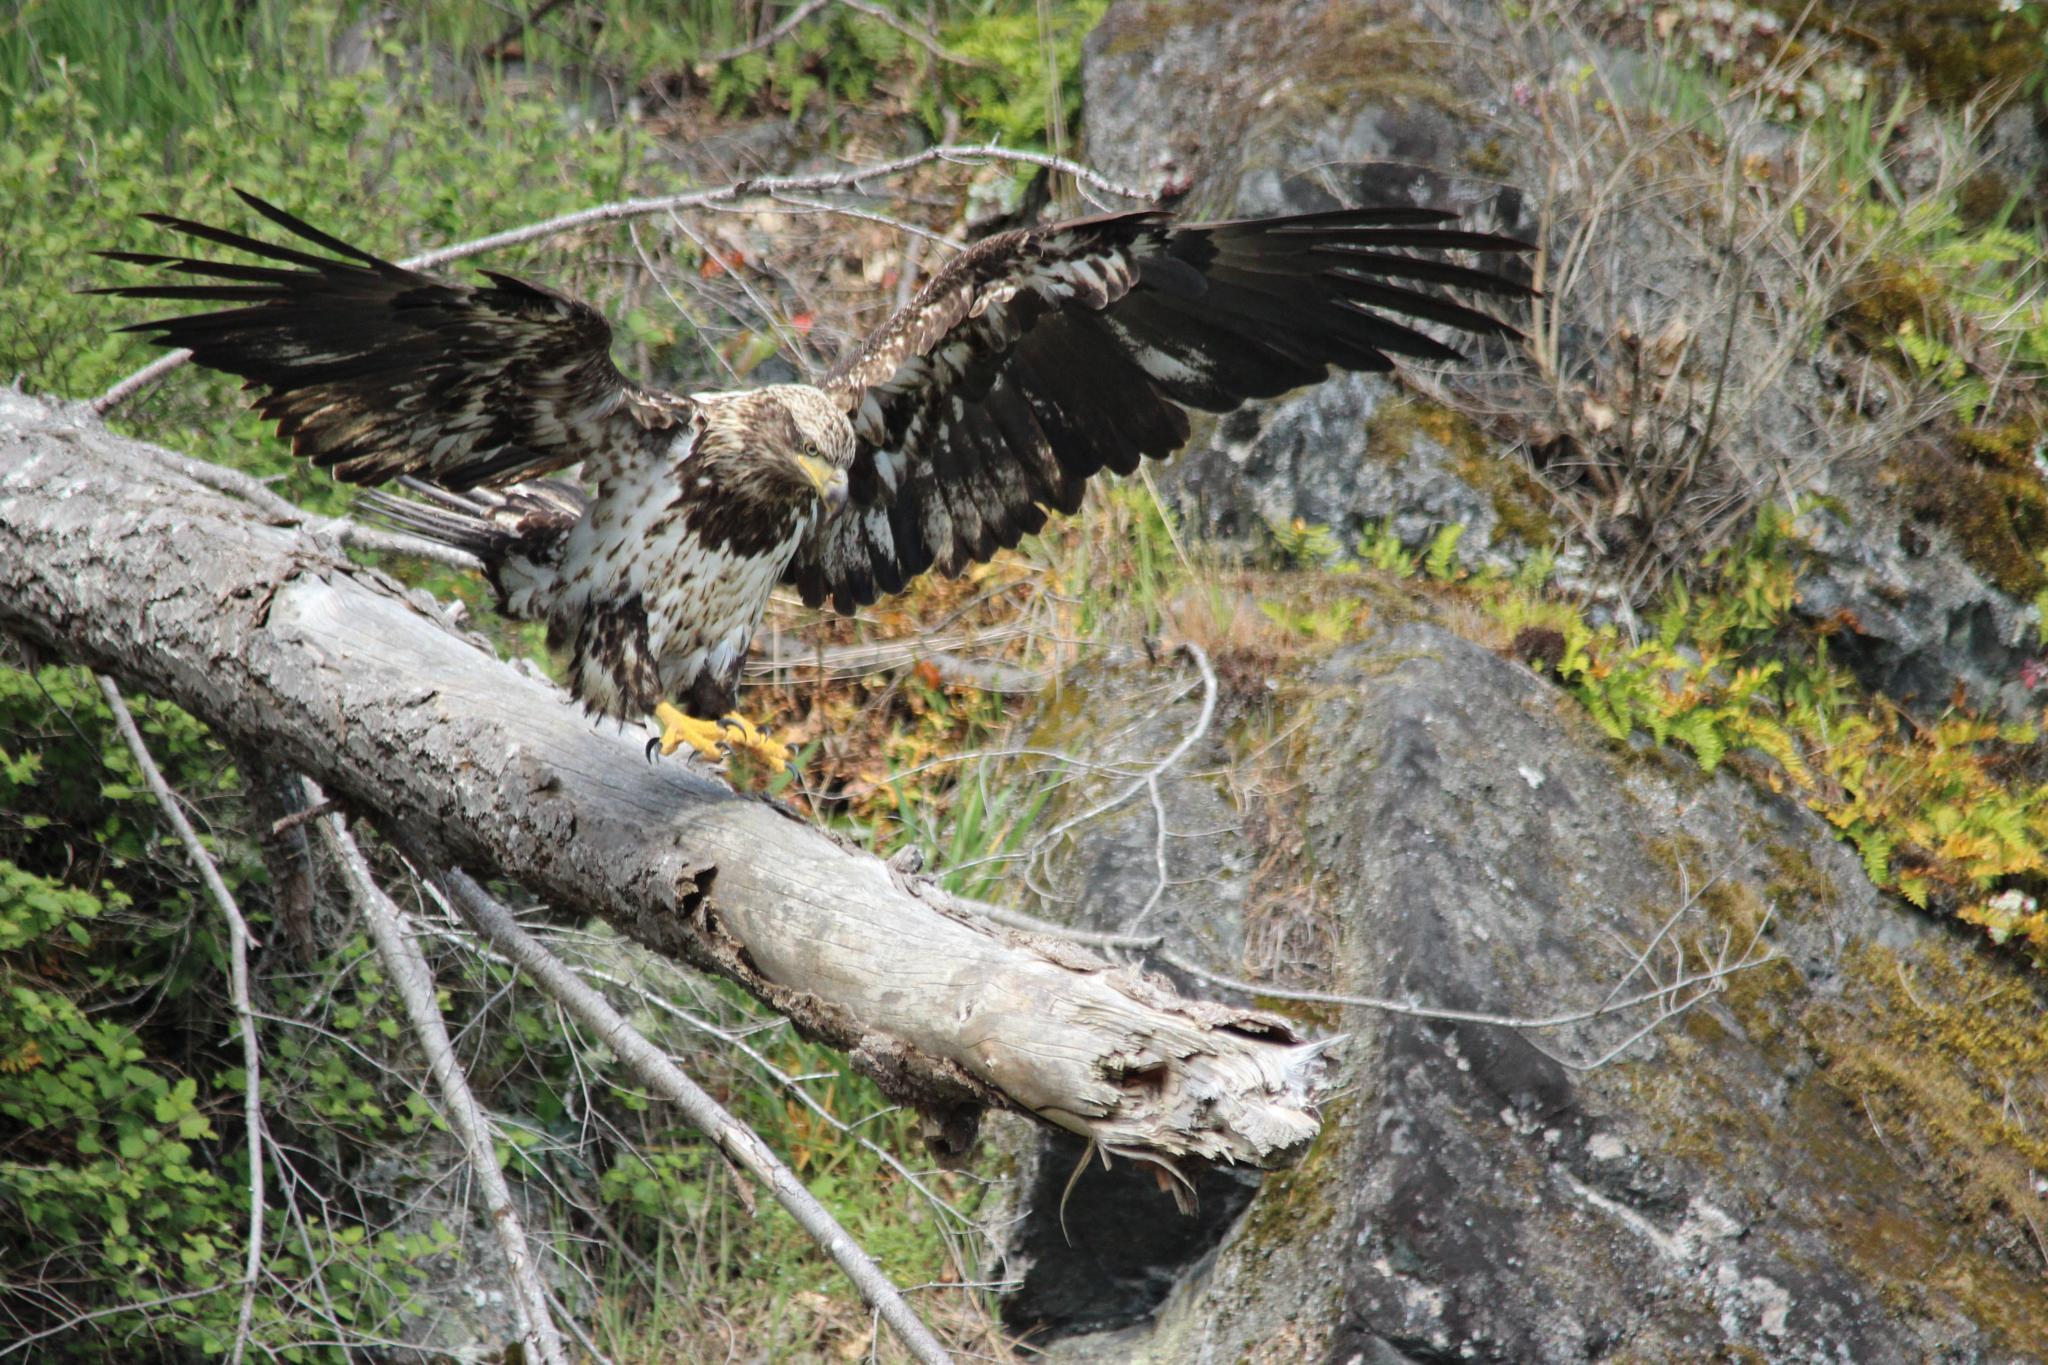 Juvenile Bald Eagle (Haliaeetus leucocephalus) by dominicmackenzie67